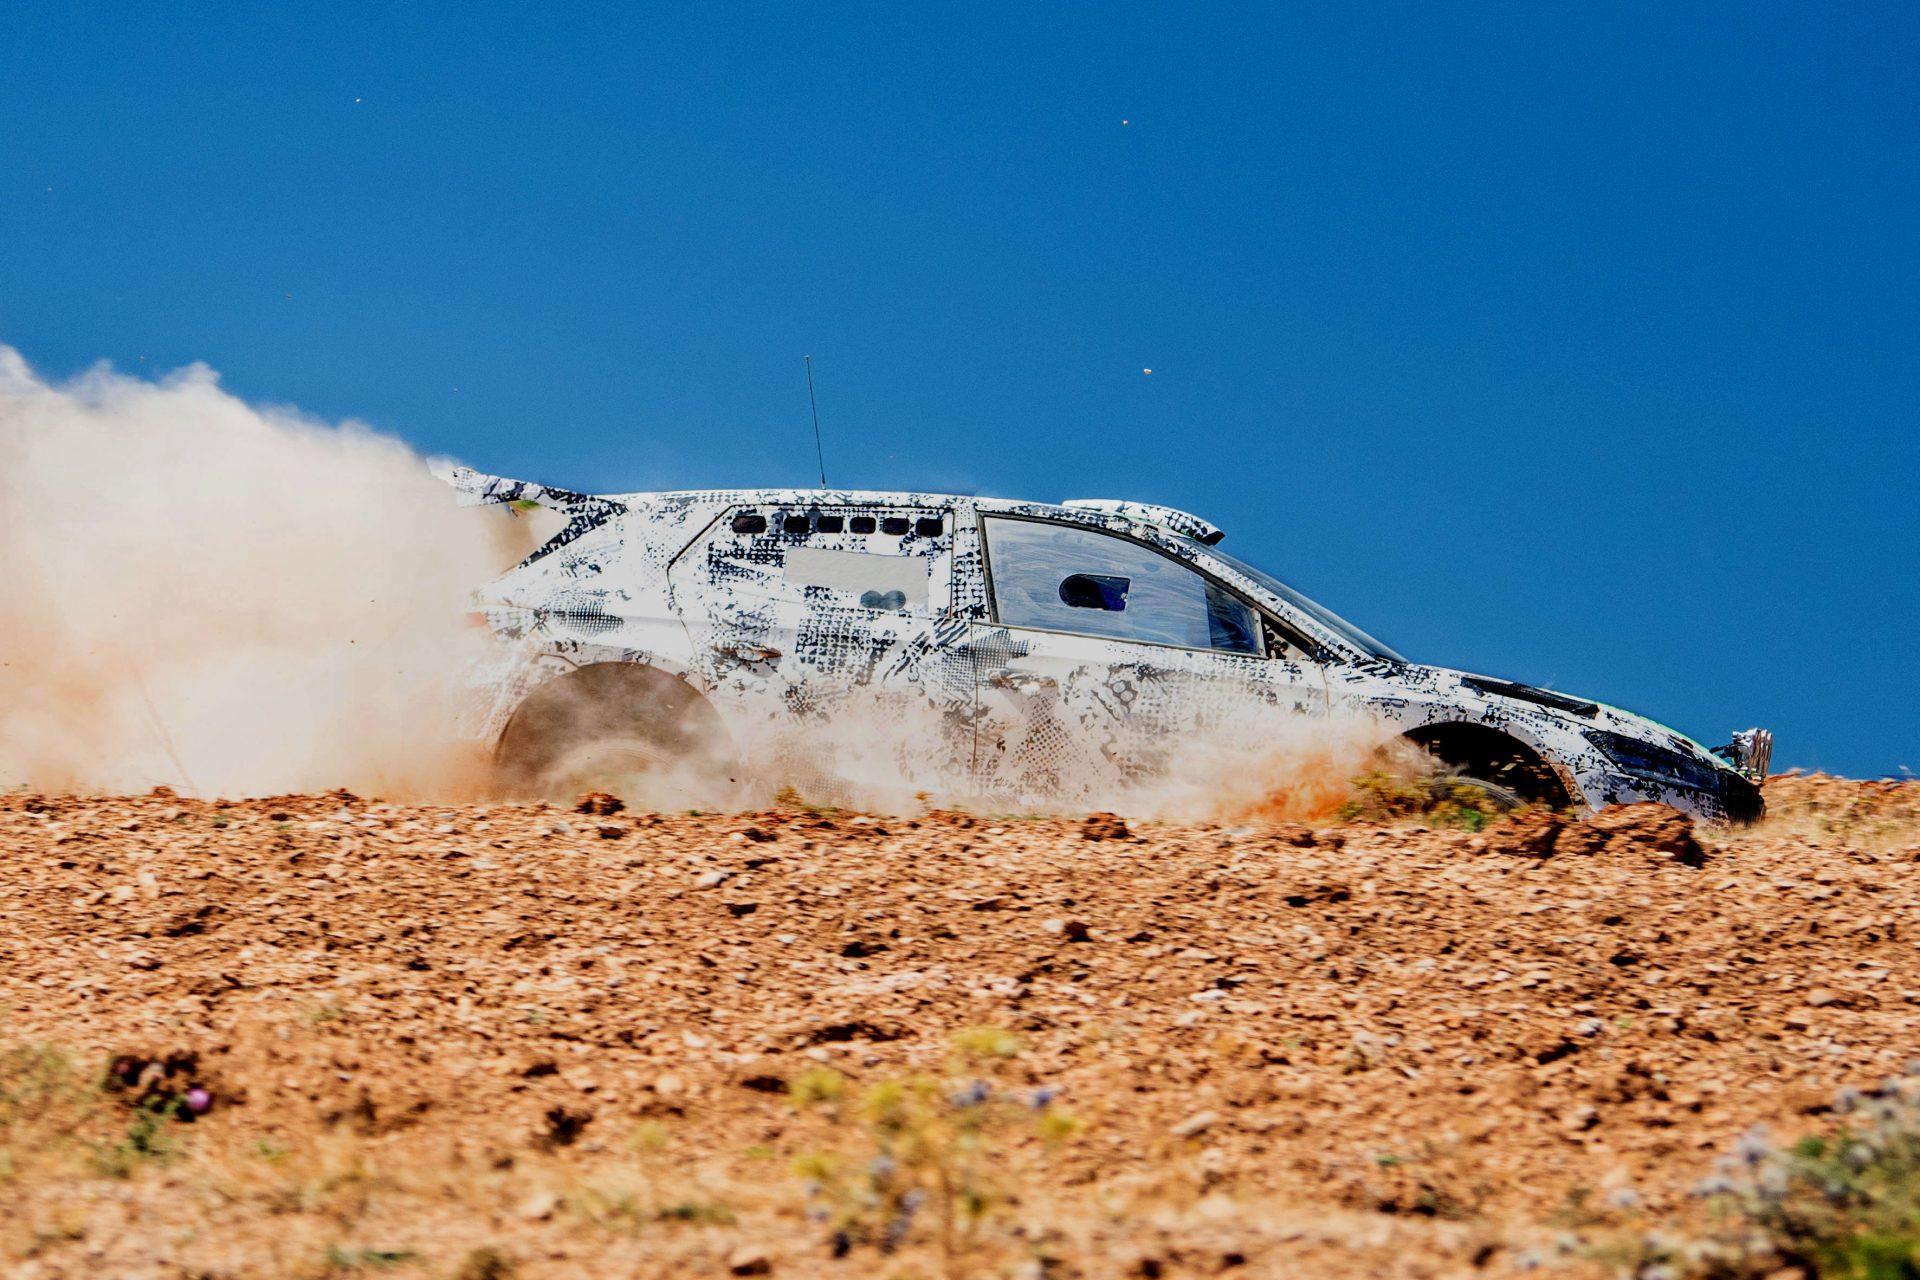 Nová generace vozu ŠKODA FABIA ve verzi Rally2 se již testuje